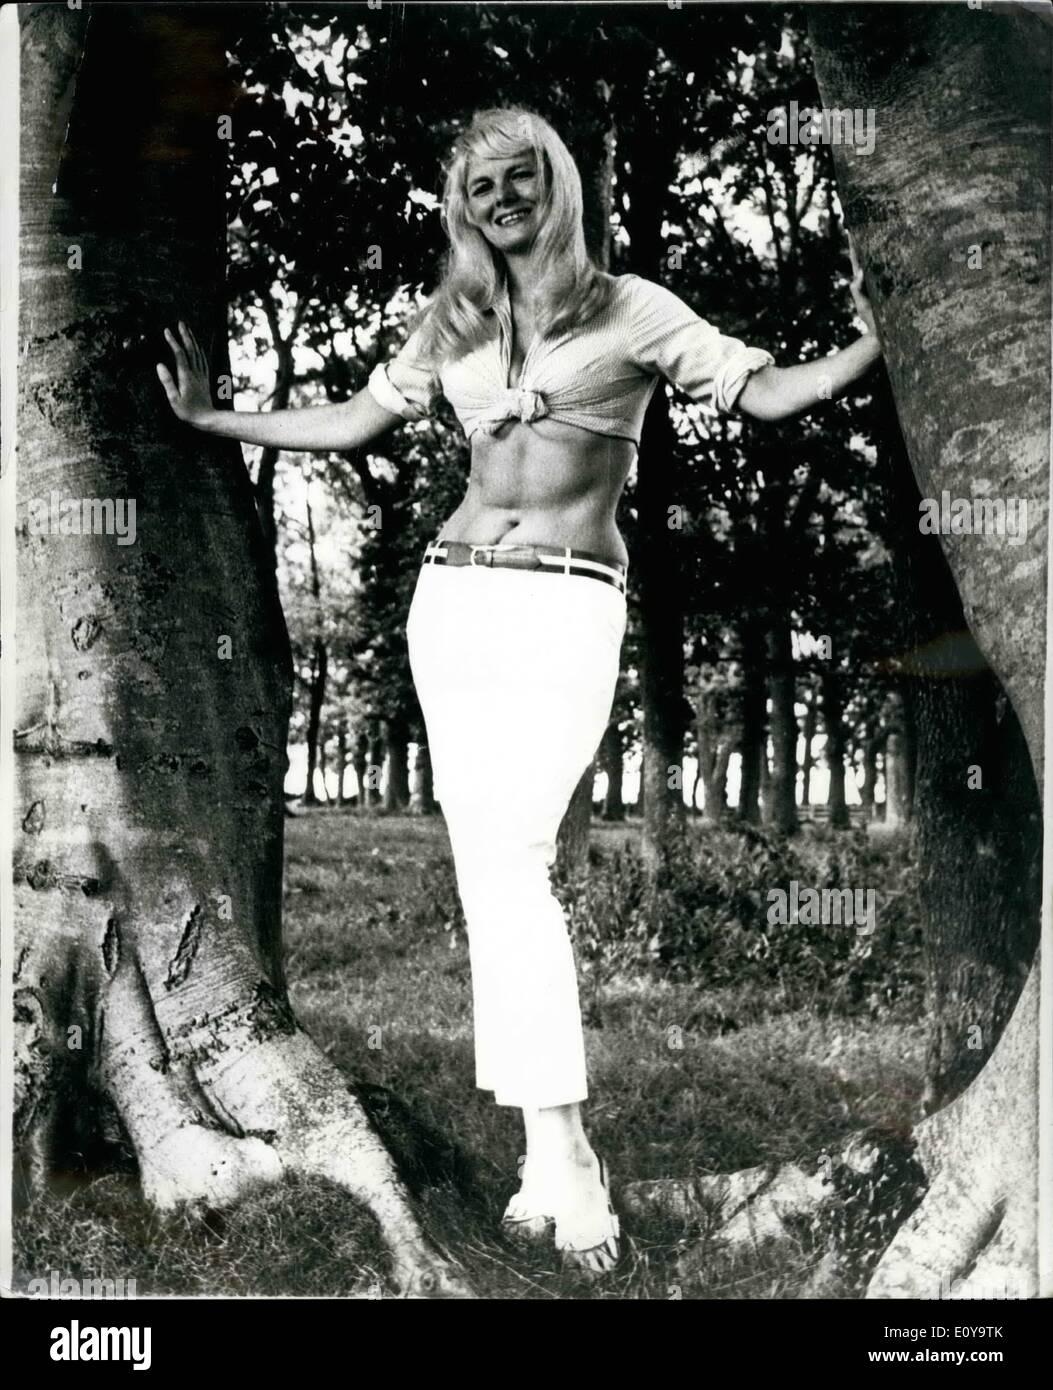 Septembre 09, 1969 - Vacances peut attendre: femme du fermier Ami Hodgson, ici, était prêt à aller à Majorque pour des vacances de deux semaines. L'avion et l'hôtel était complet et tous les dispositifs mis en place. Puis vint un appel téléphonique de la Télévision Transfrontière dans Carlisle demande si elle souhaite auditionner pour le travail d'hôtesse à un nouveau quiz show M. et Mme Ami, de la hauteur, Caldbeck (Cumberland) ont assisté à l'audition ainsi que d'une vingtaine d'autres jolies filles et quelques jours plus tard, il a été dit que la série de 26 semaines a été la sienne si elle désire qu'il Photo Stock